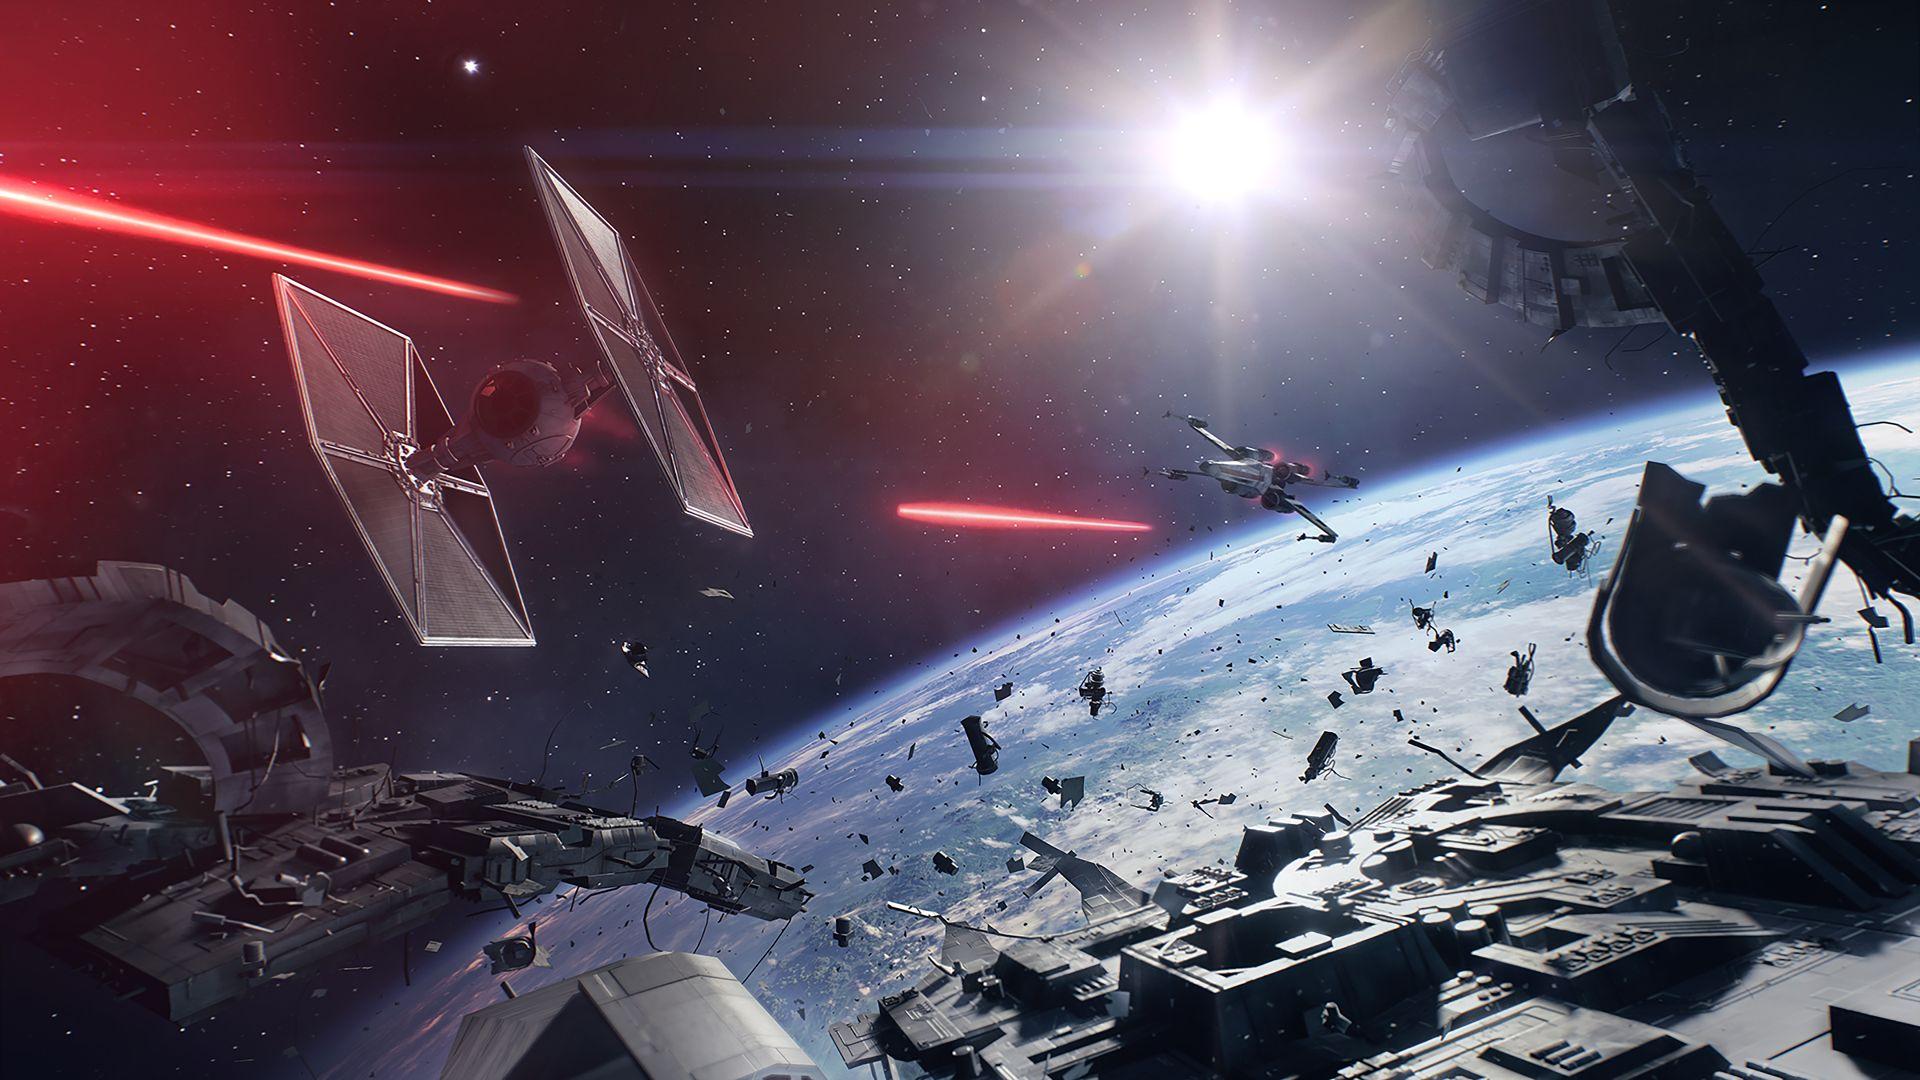 Star Wars 8 : Rian Johnson défend les nouveaux pouvoirs de Luke